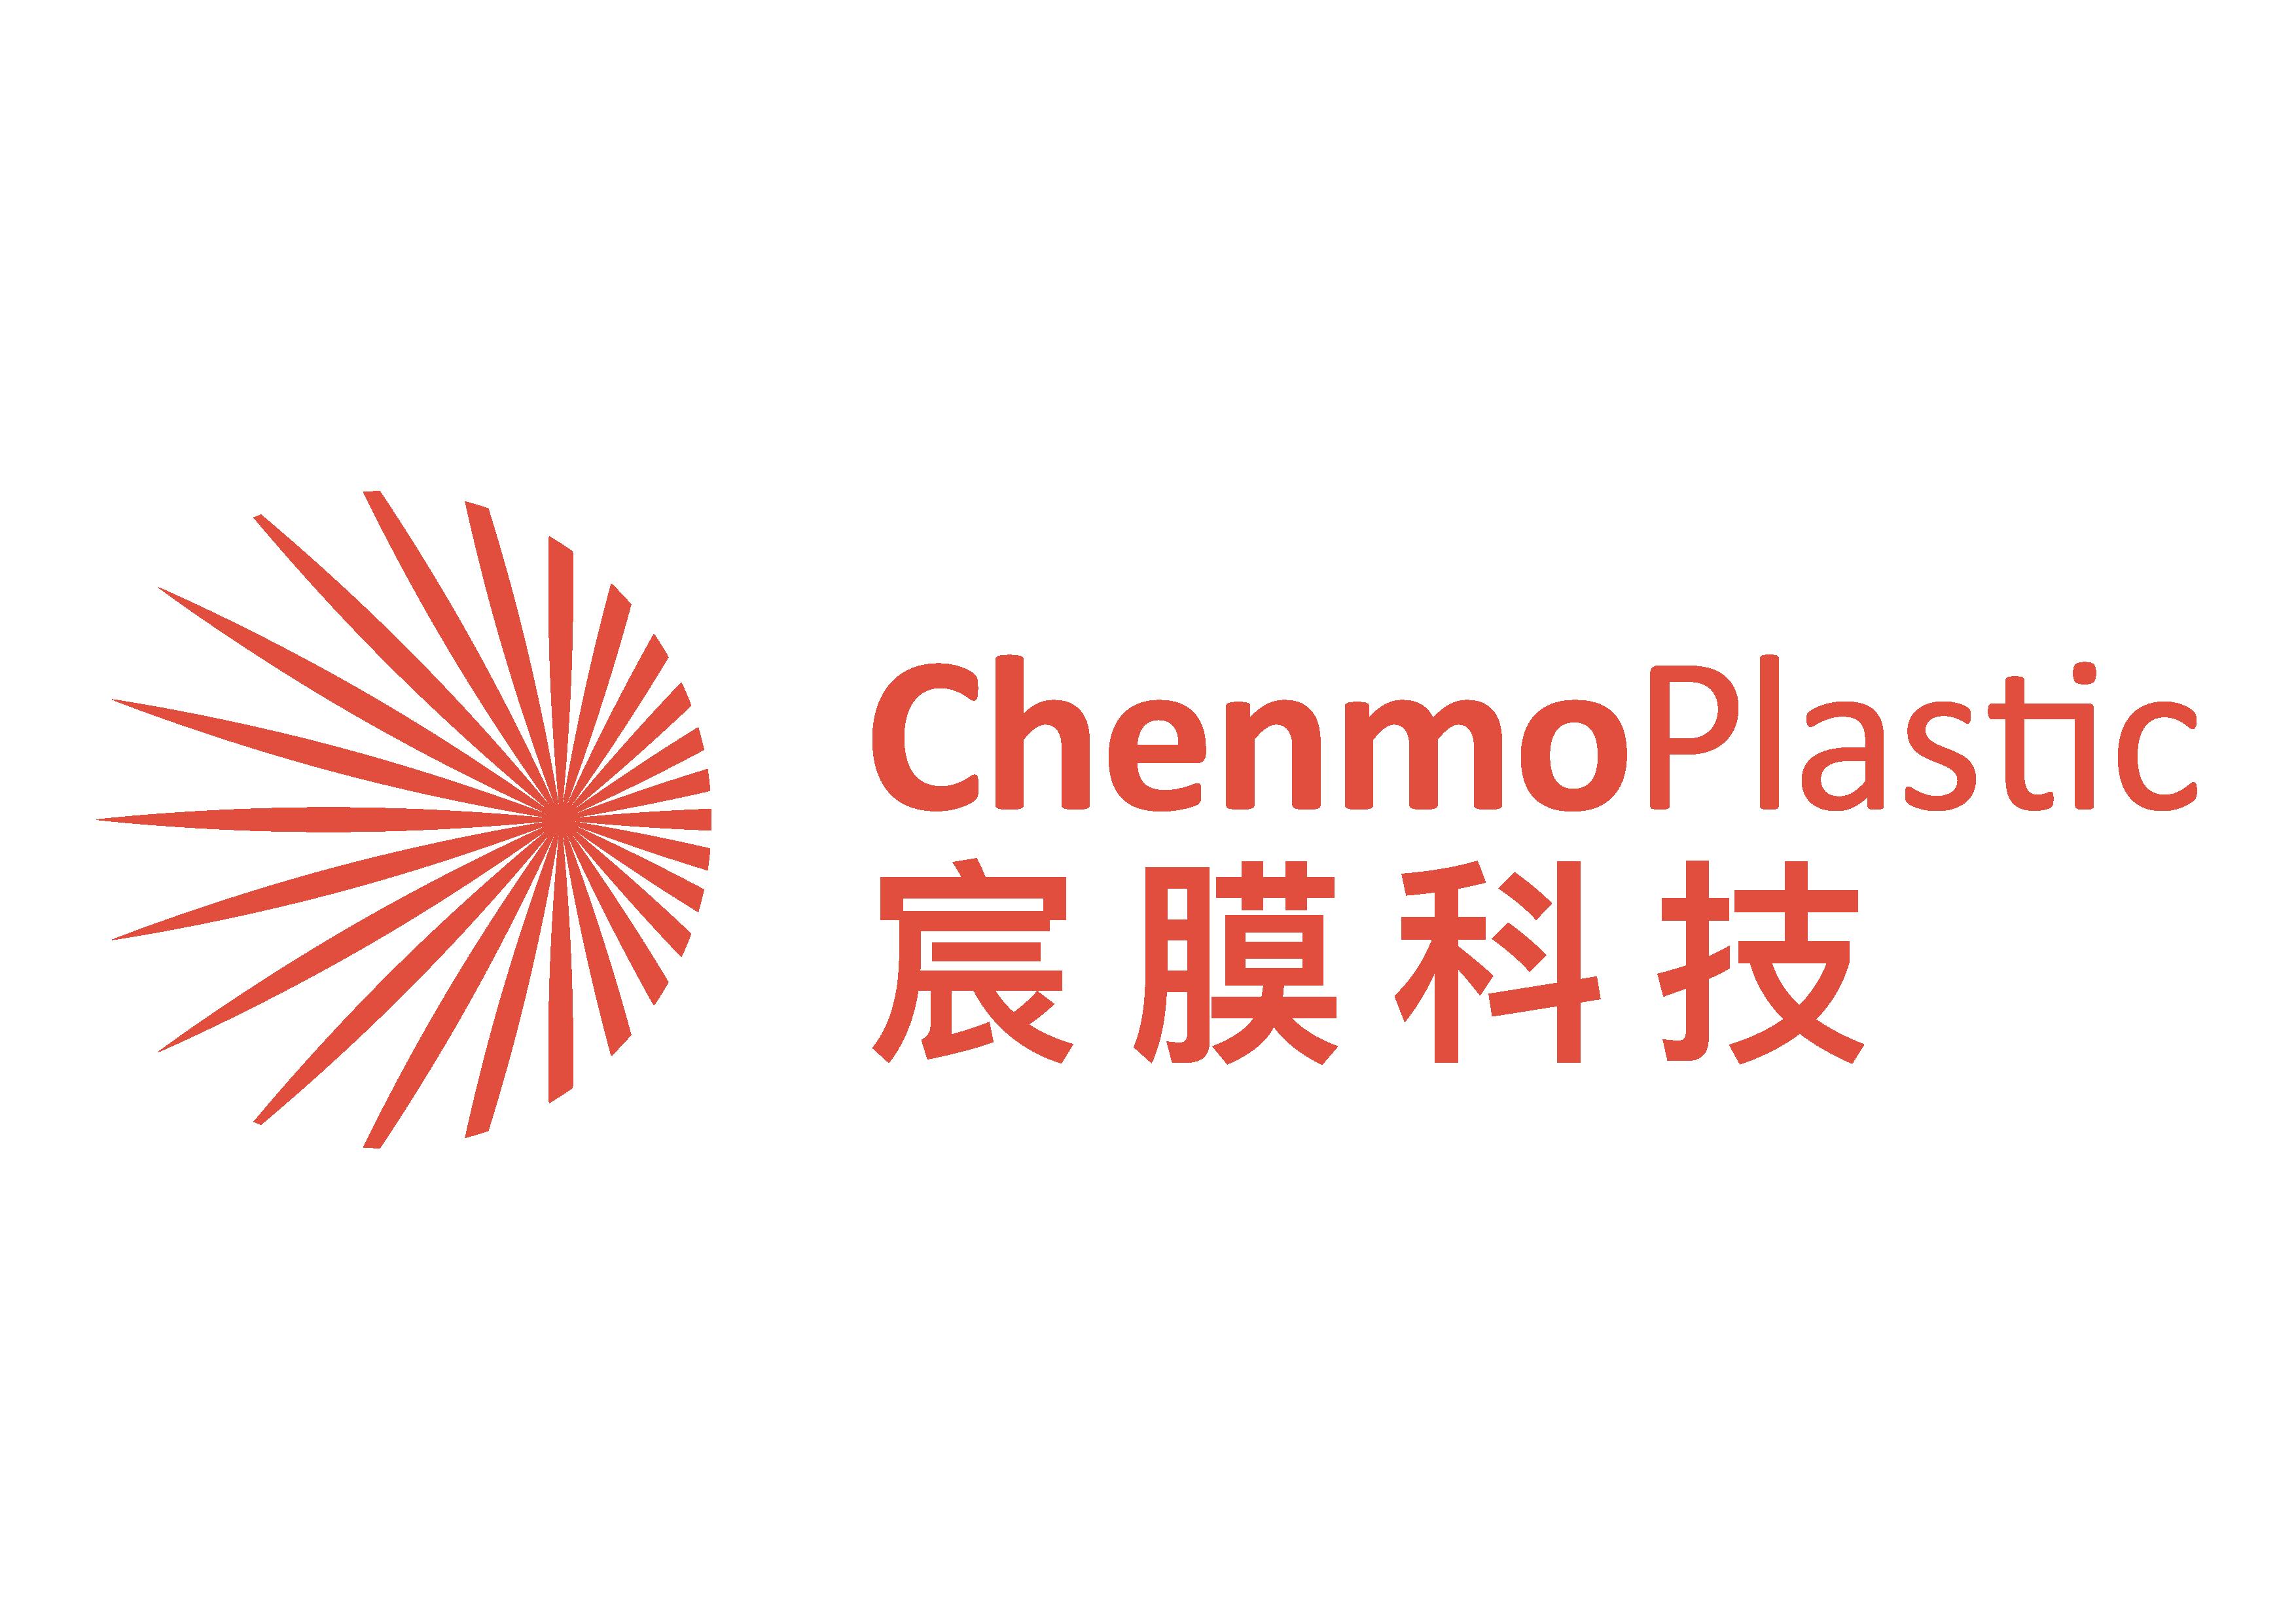 义乌市宸膜塑料科技有限公司